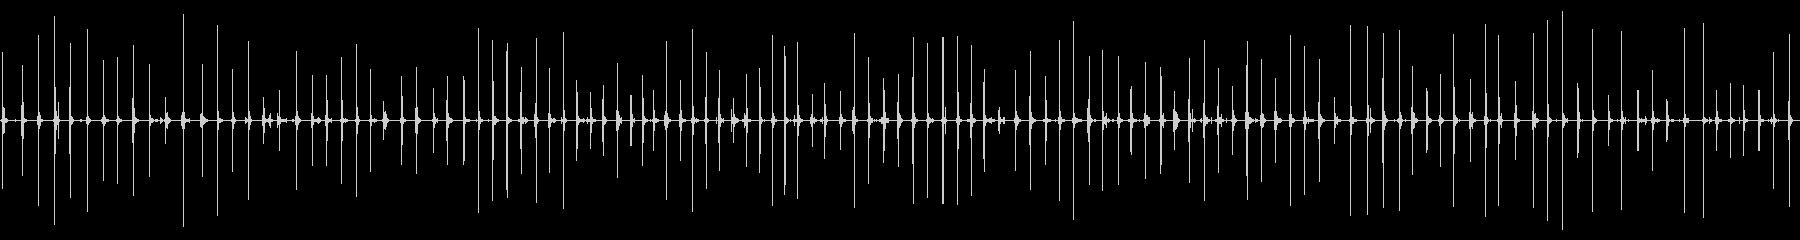 ガレキ速足低音抜き(ガレキ音協調)の未再生の波形